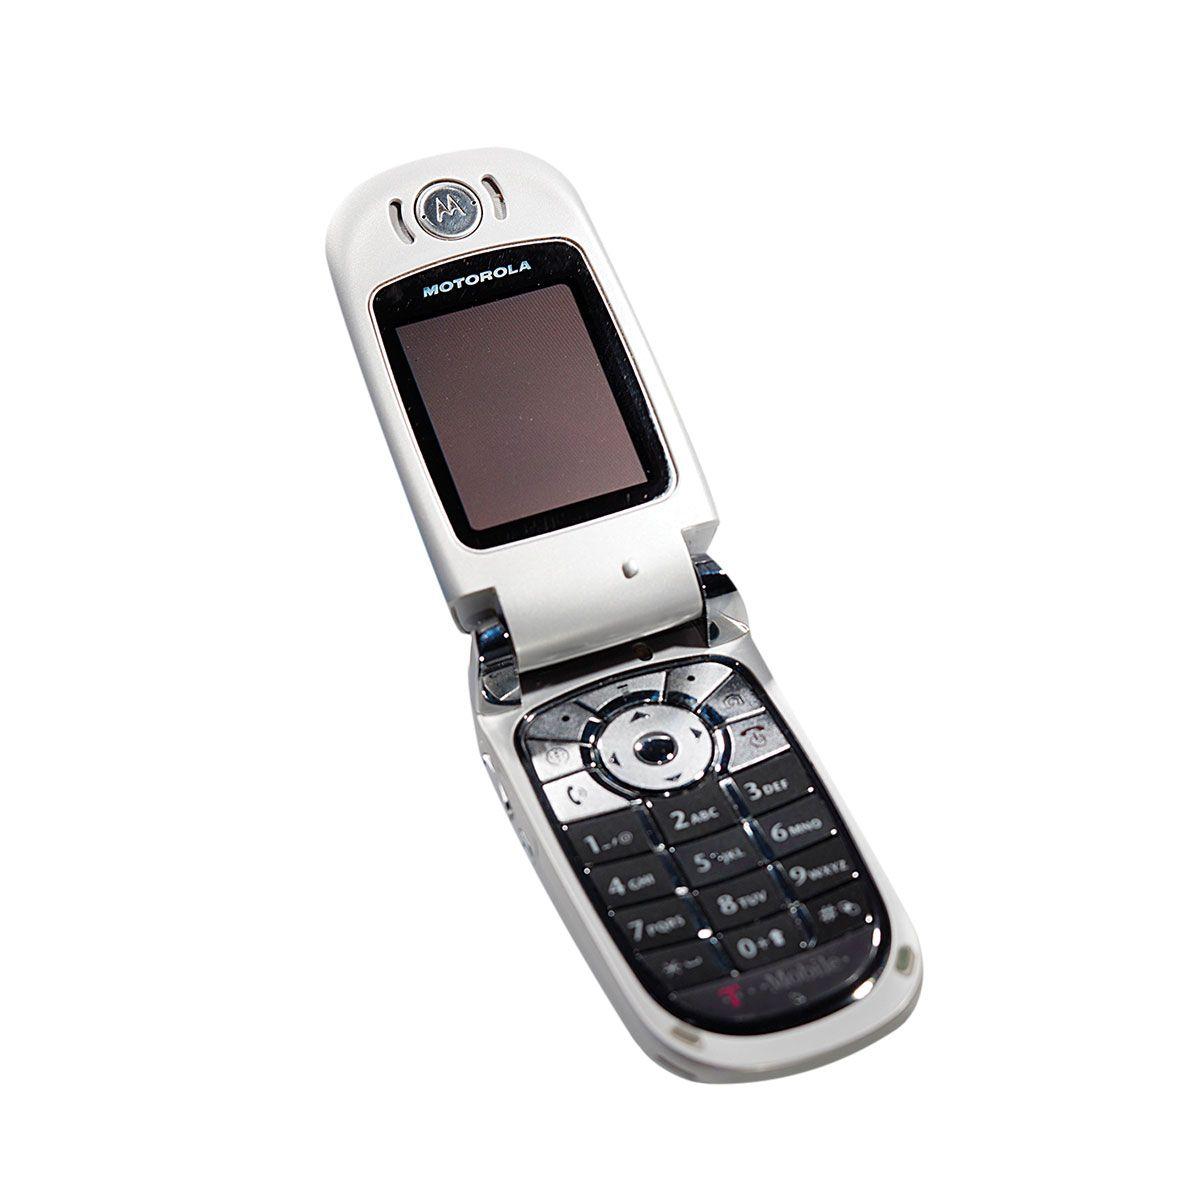 motorola flip phone. a motorola flip-phone photo 8 flip phone